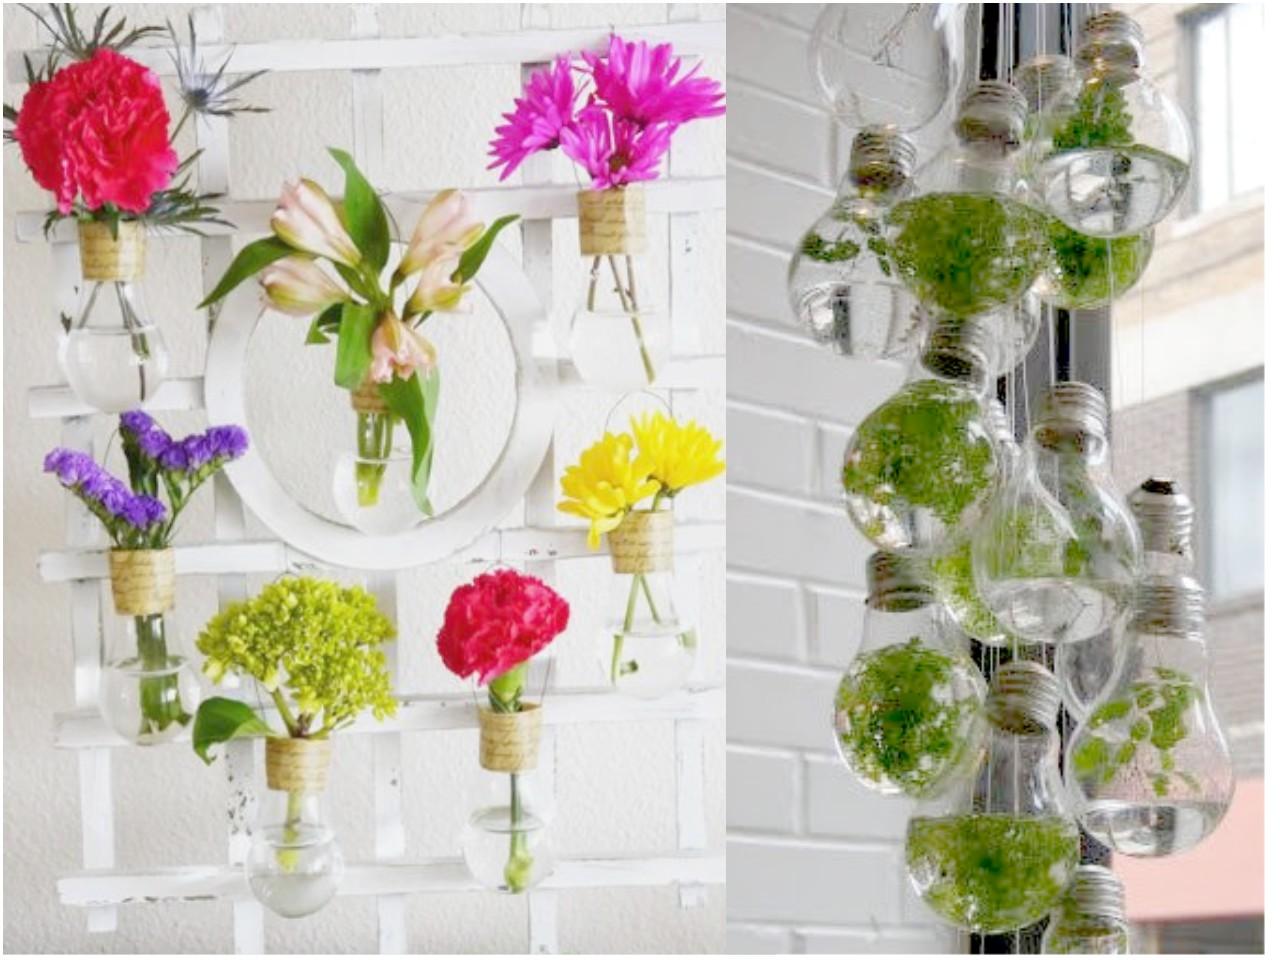 10 ideas de decoraci n con bombillas recicladas for Guarda cosas para jardin